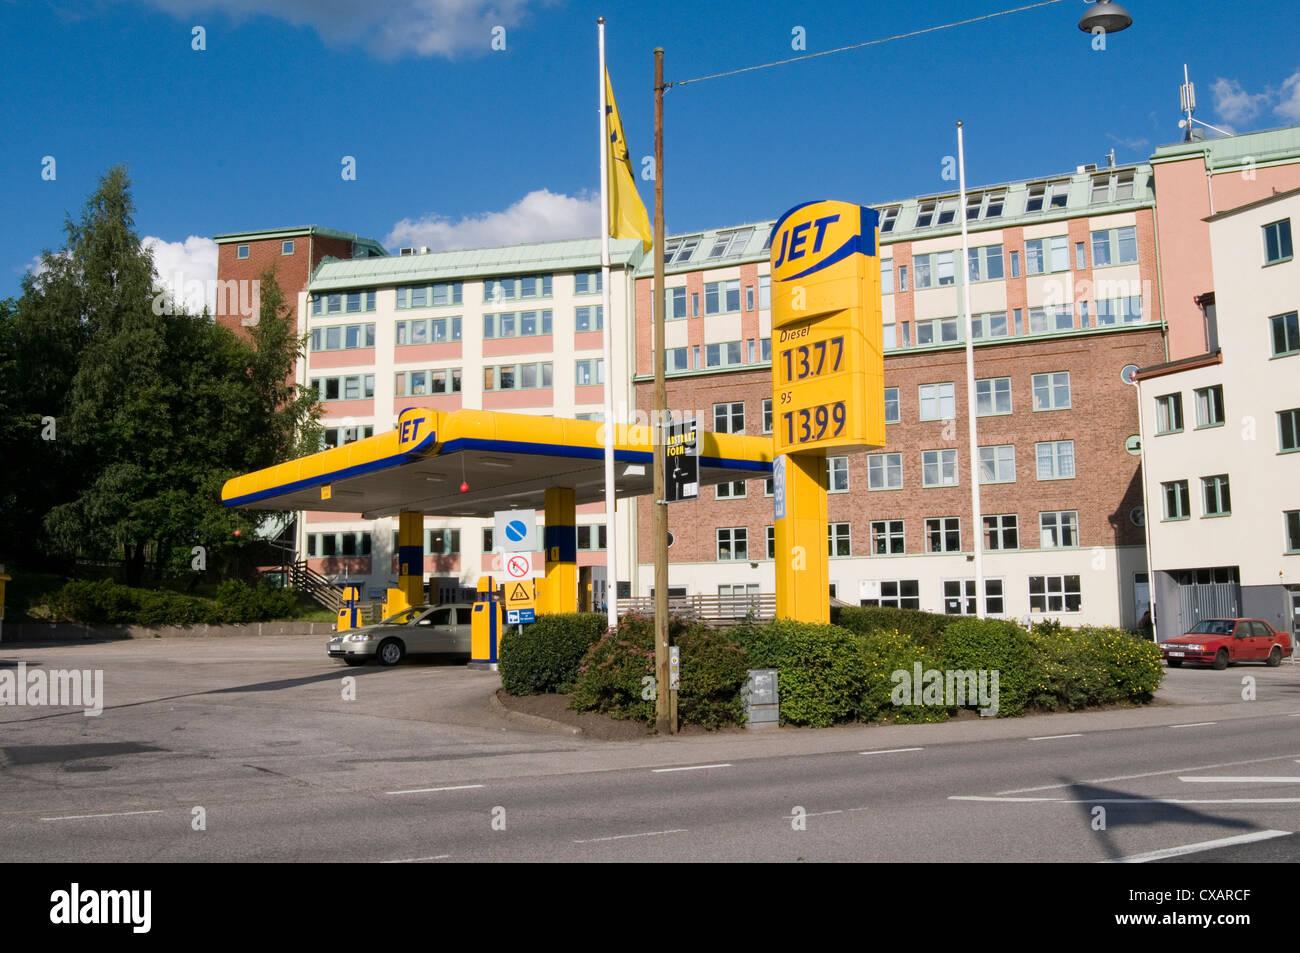 La station d'essence jet de carburant stations détaillant diesel véhicules automatisés avant Photo Stock